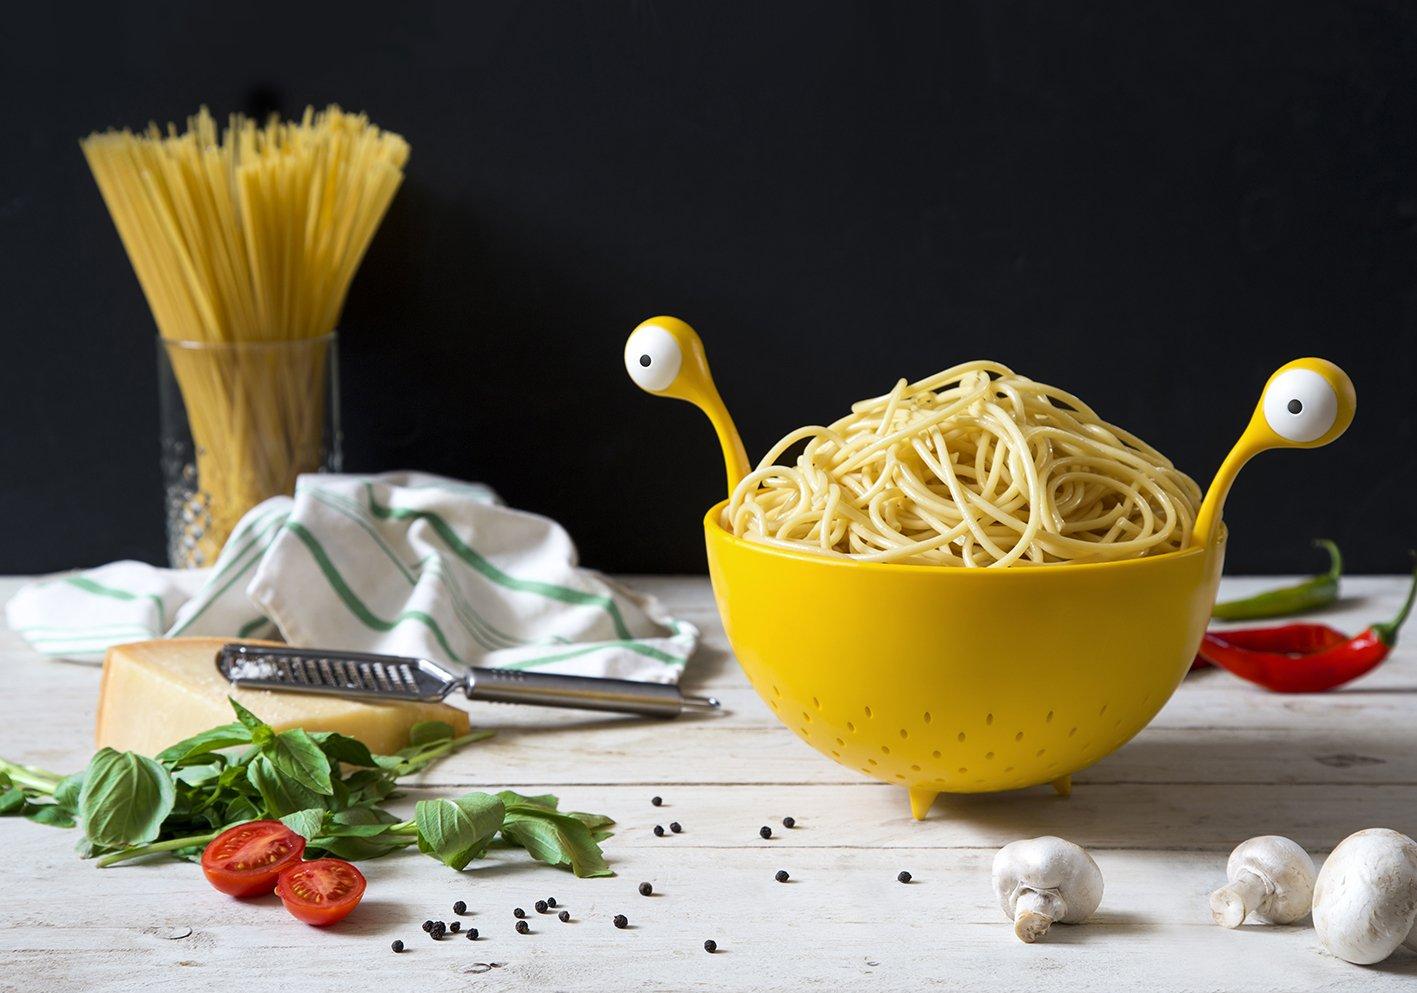 Buy Spaghetti Monster Colander Now!